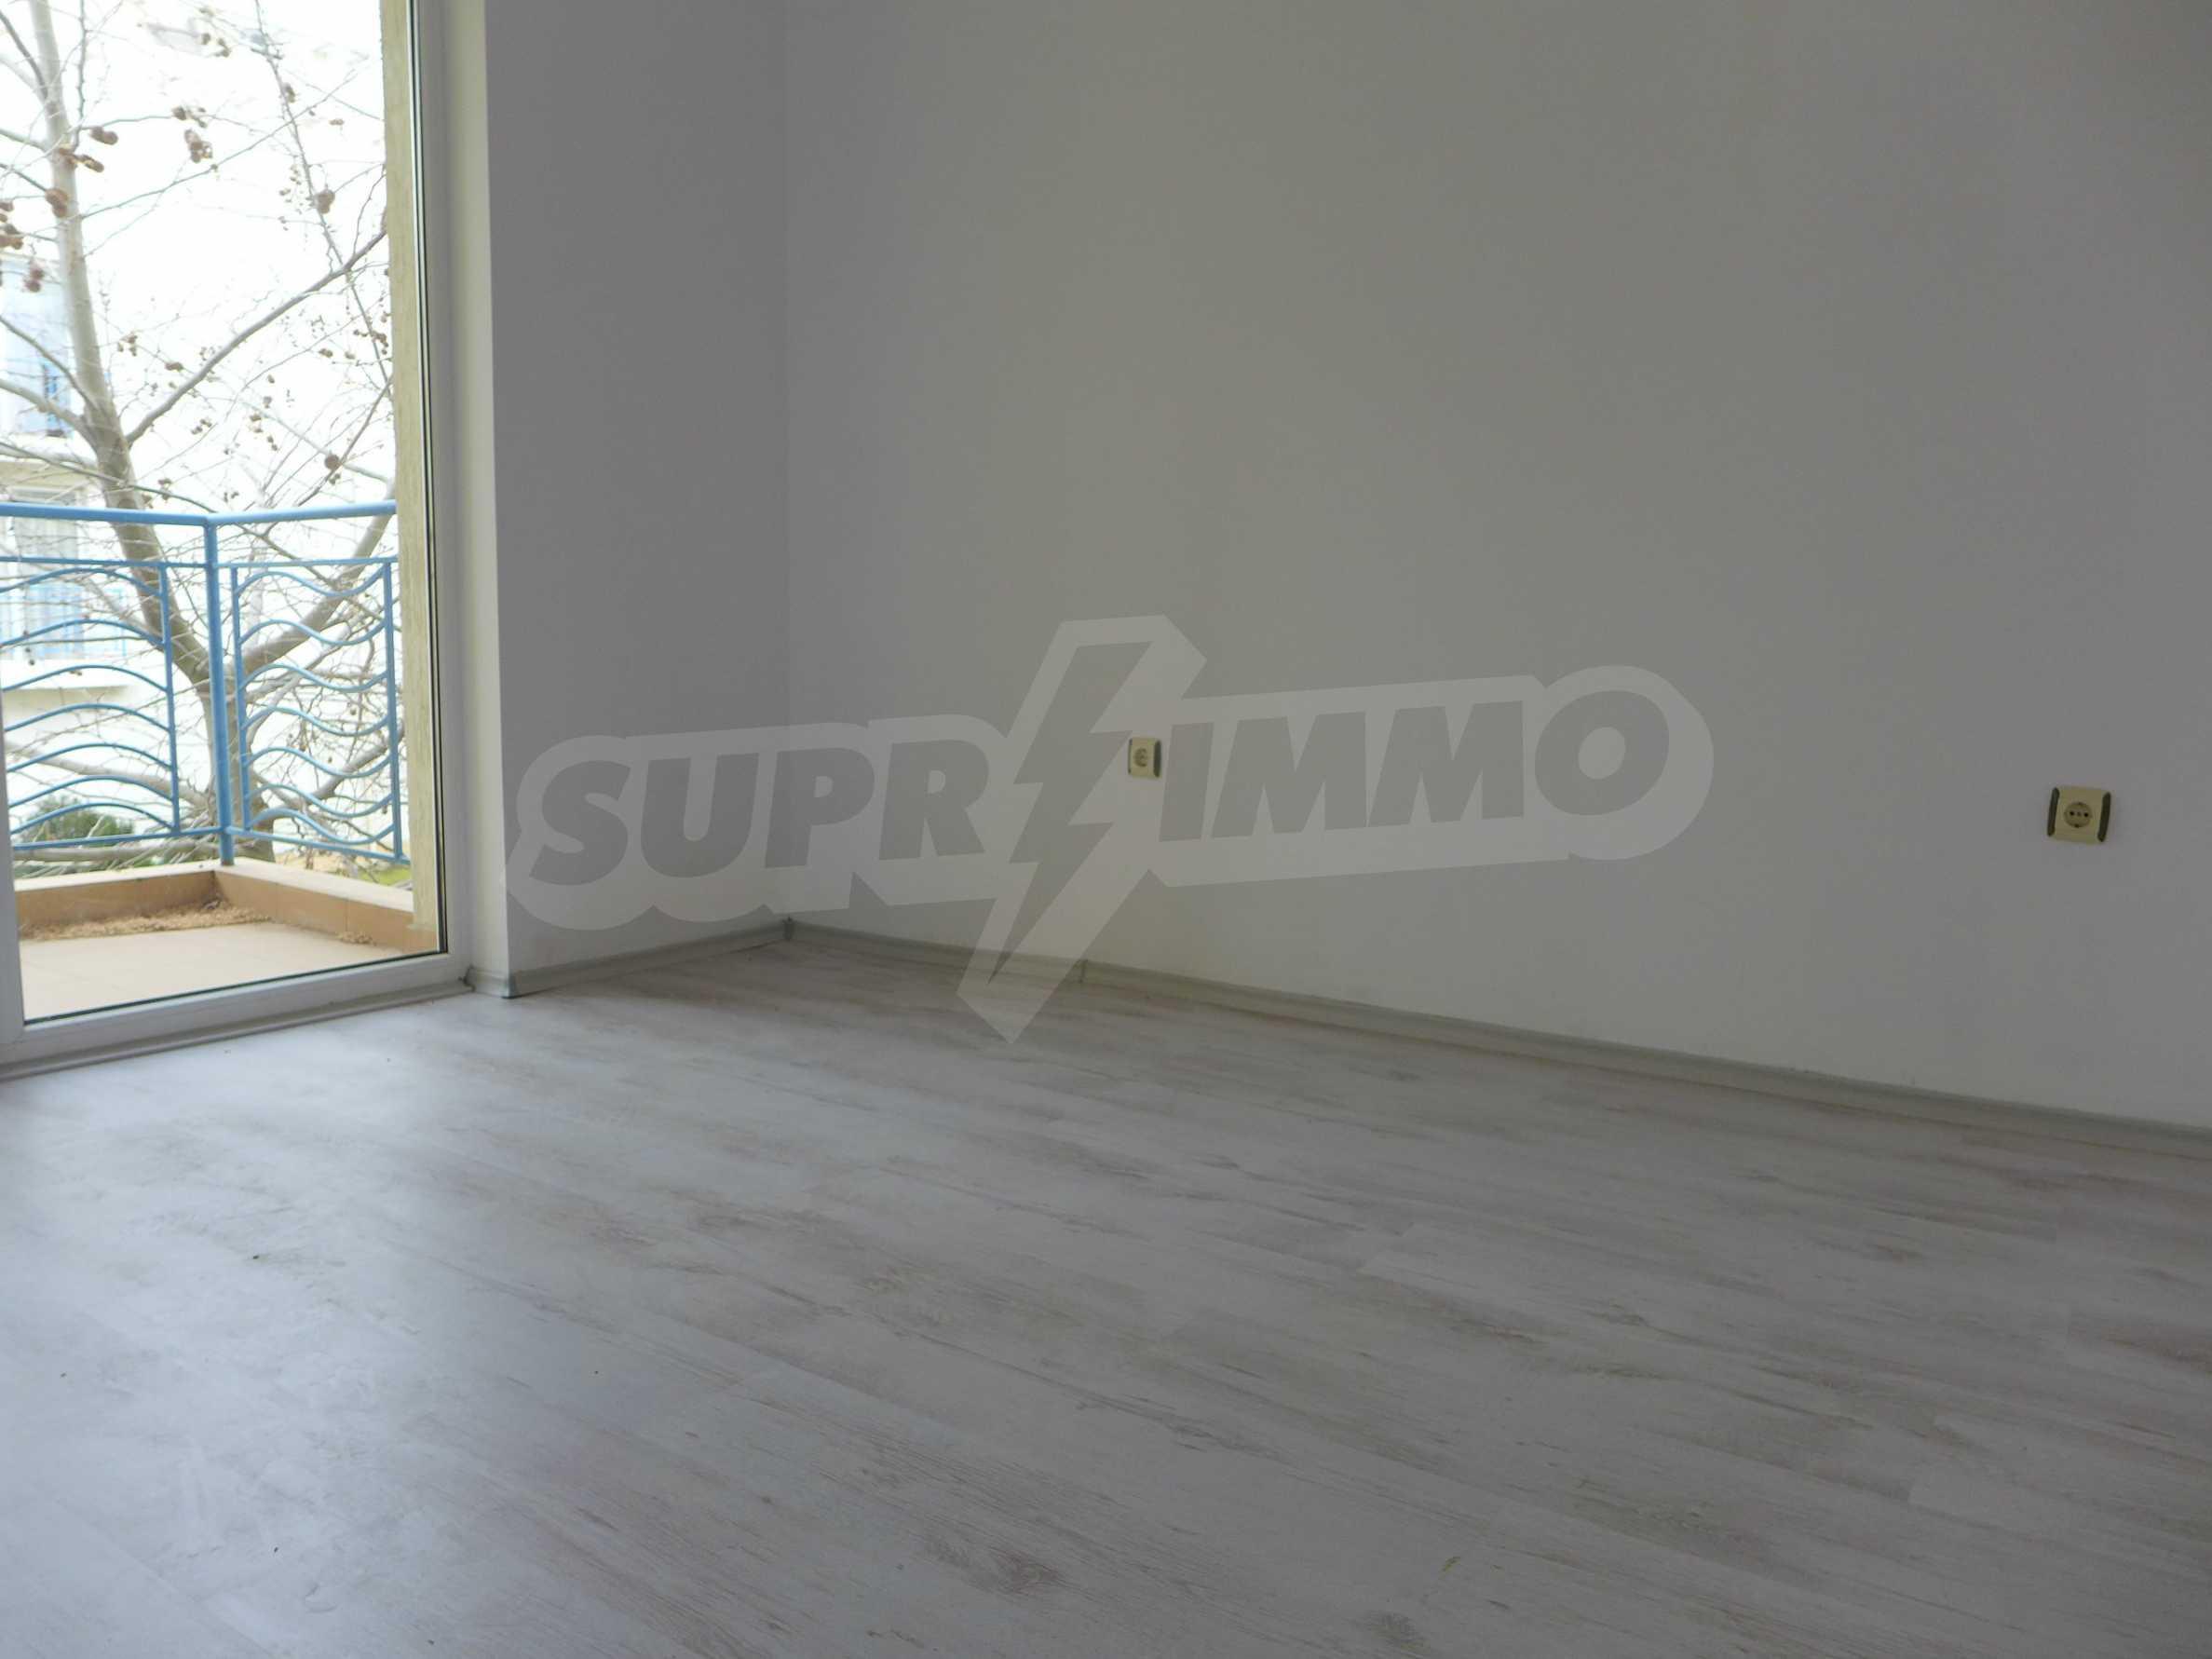 Geräumige Wohnung in einem modernen Komplex Sunny Day 3 3